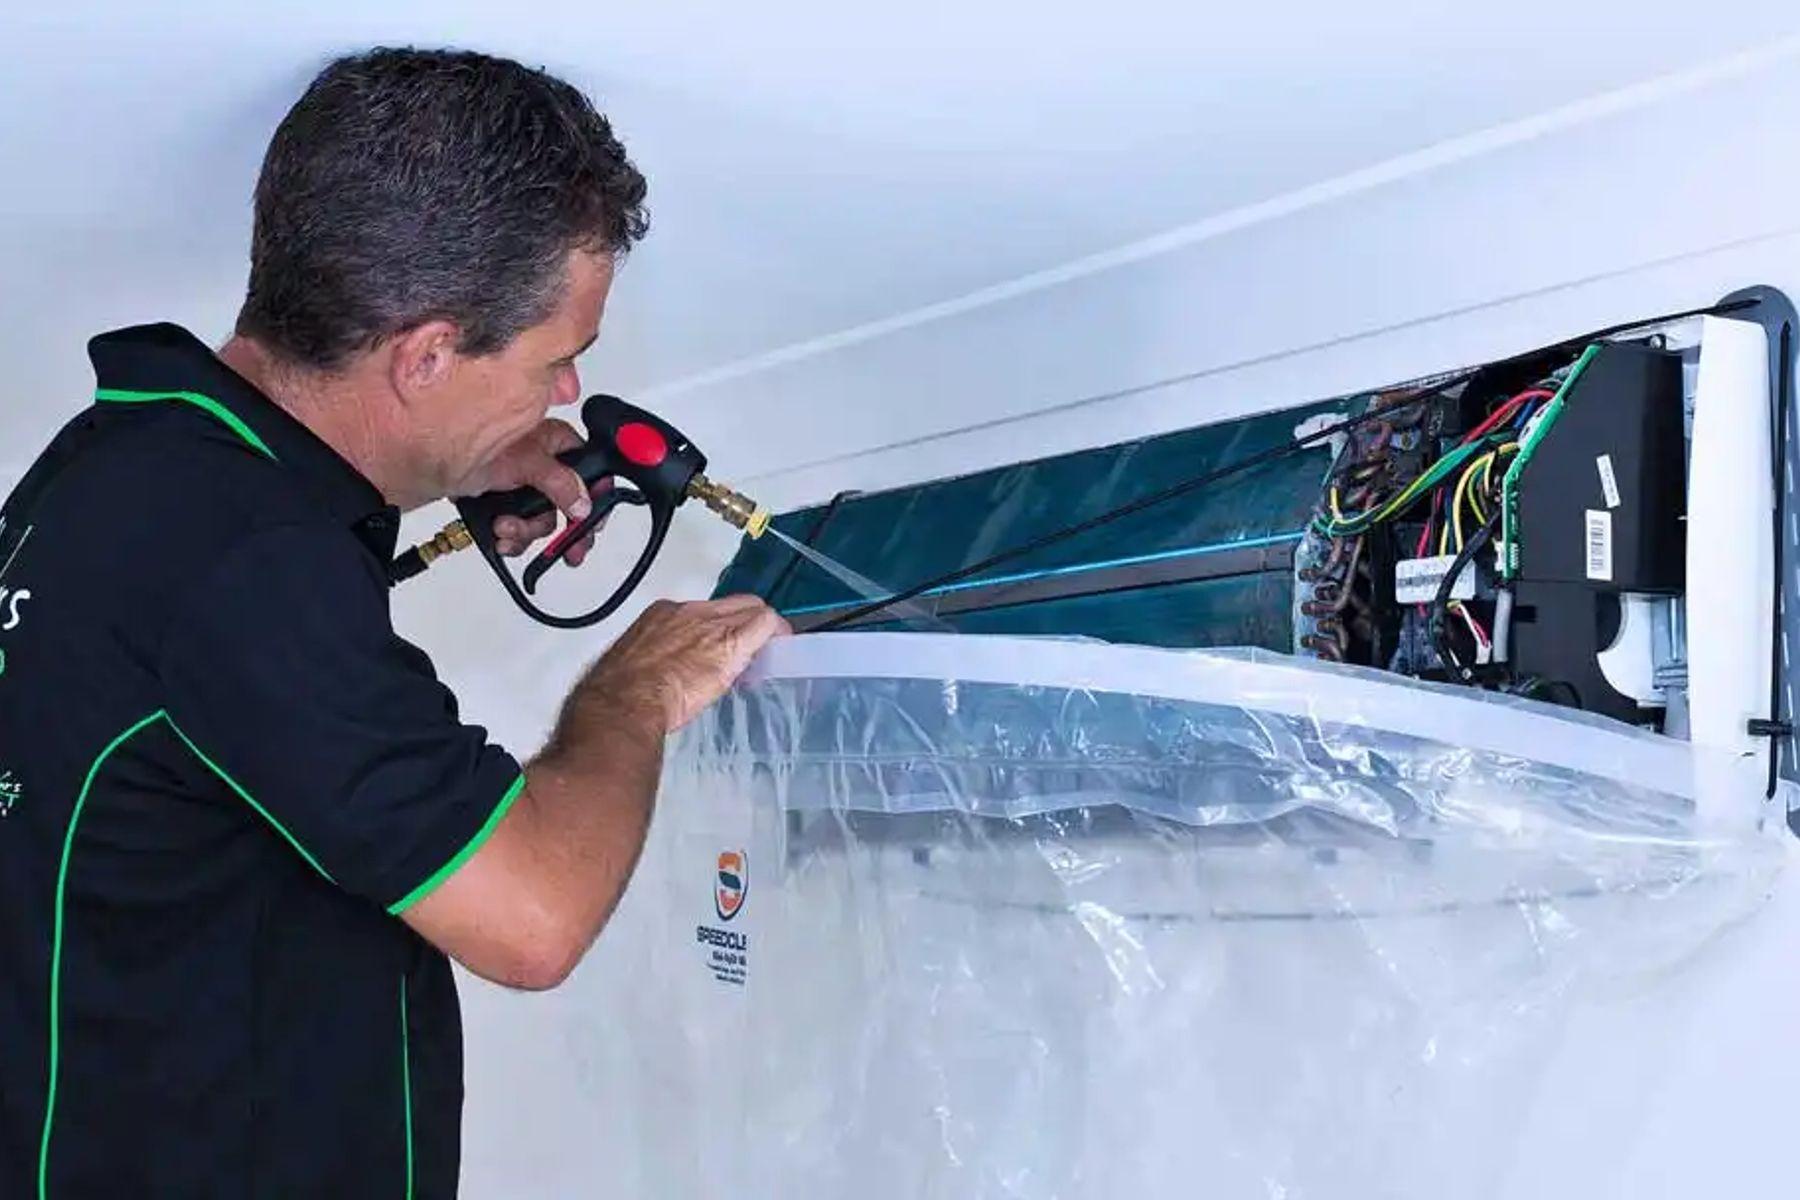 Cách vệ sinh máy lạnh tại nhà chi tiết, đúng cách, loại bỏ hết bụi bẩn